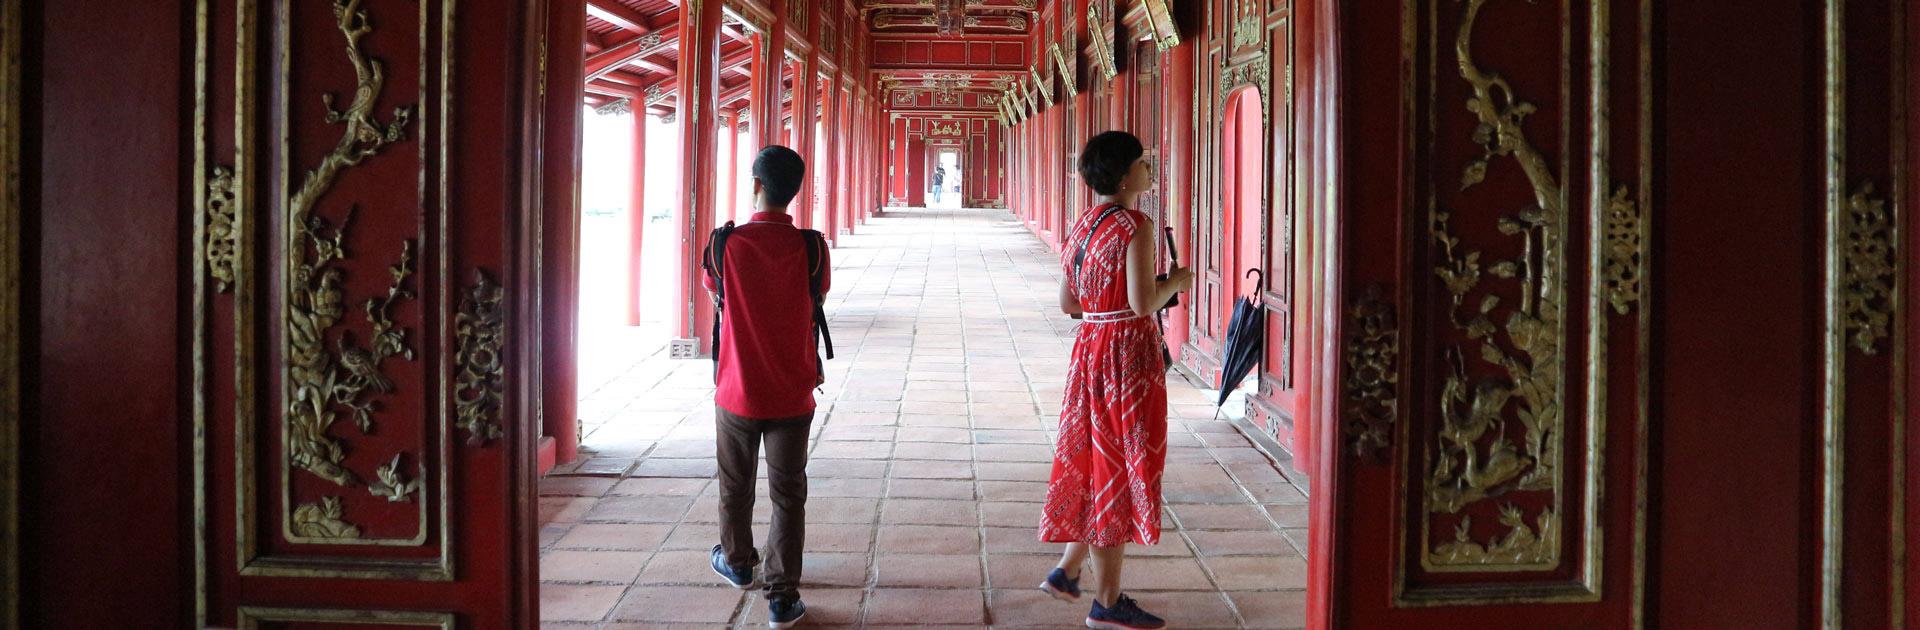 VN Encantos de Vietnam y Nha Trang 14 días 3